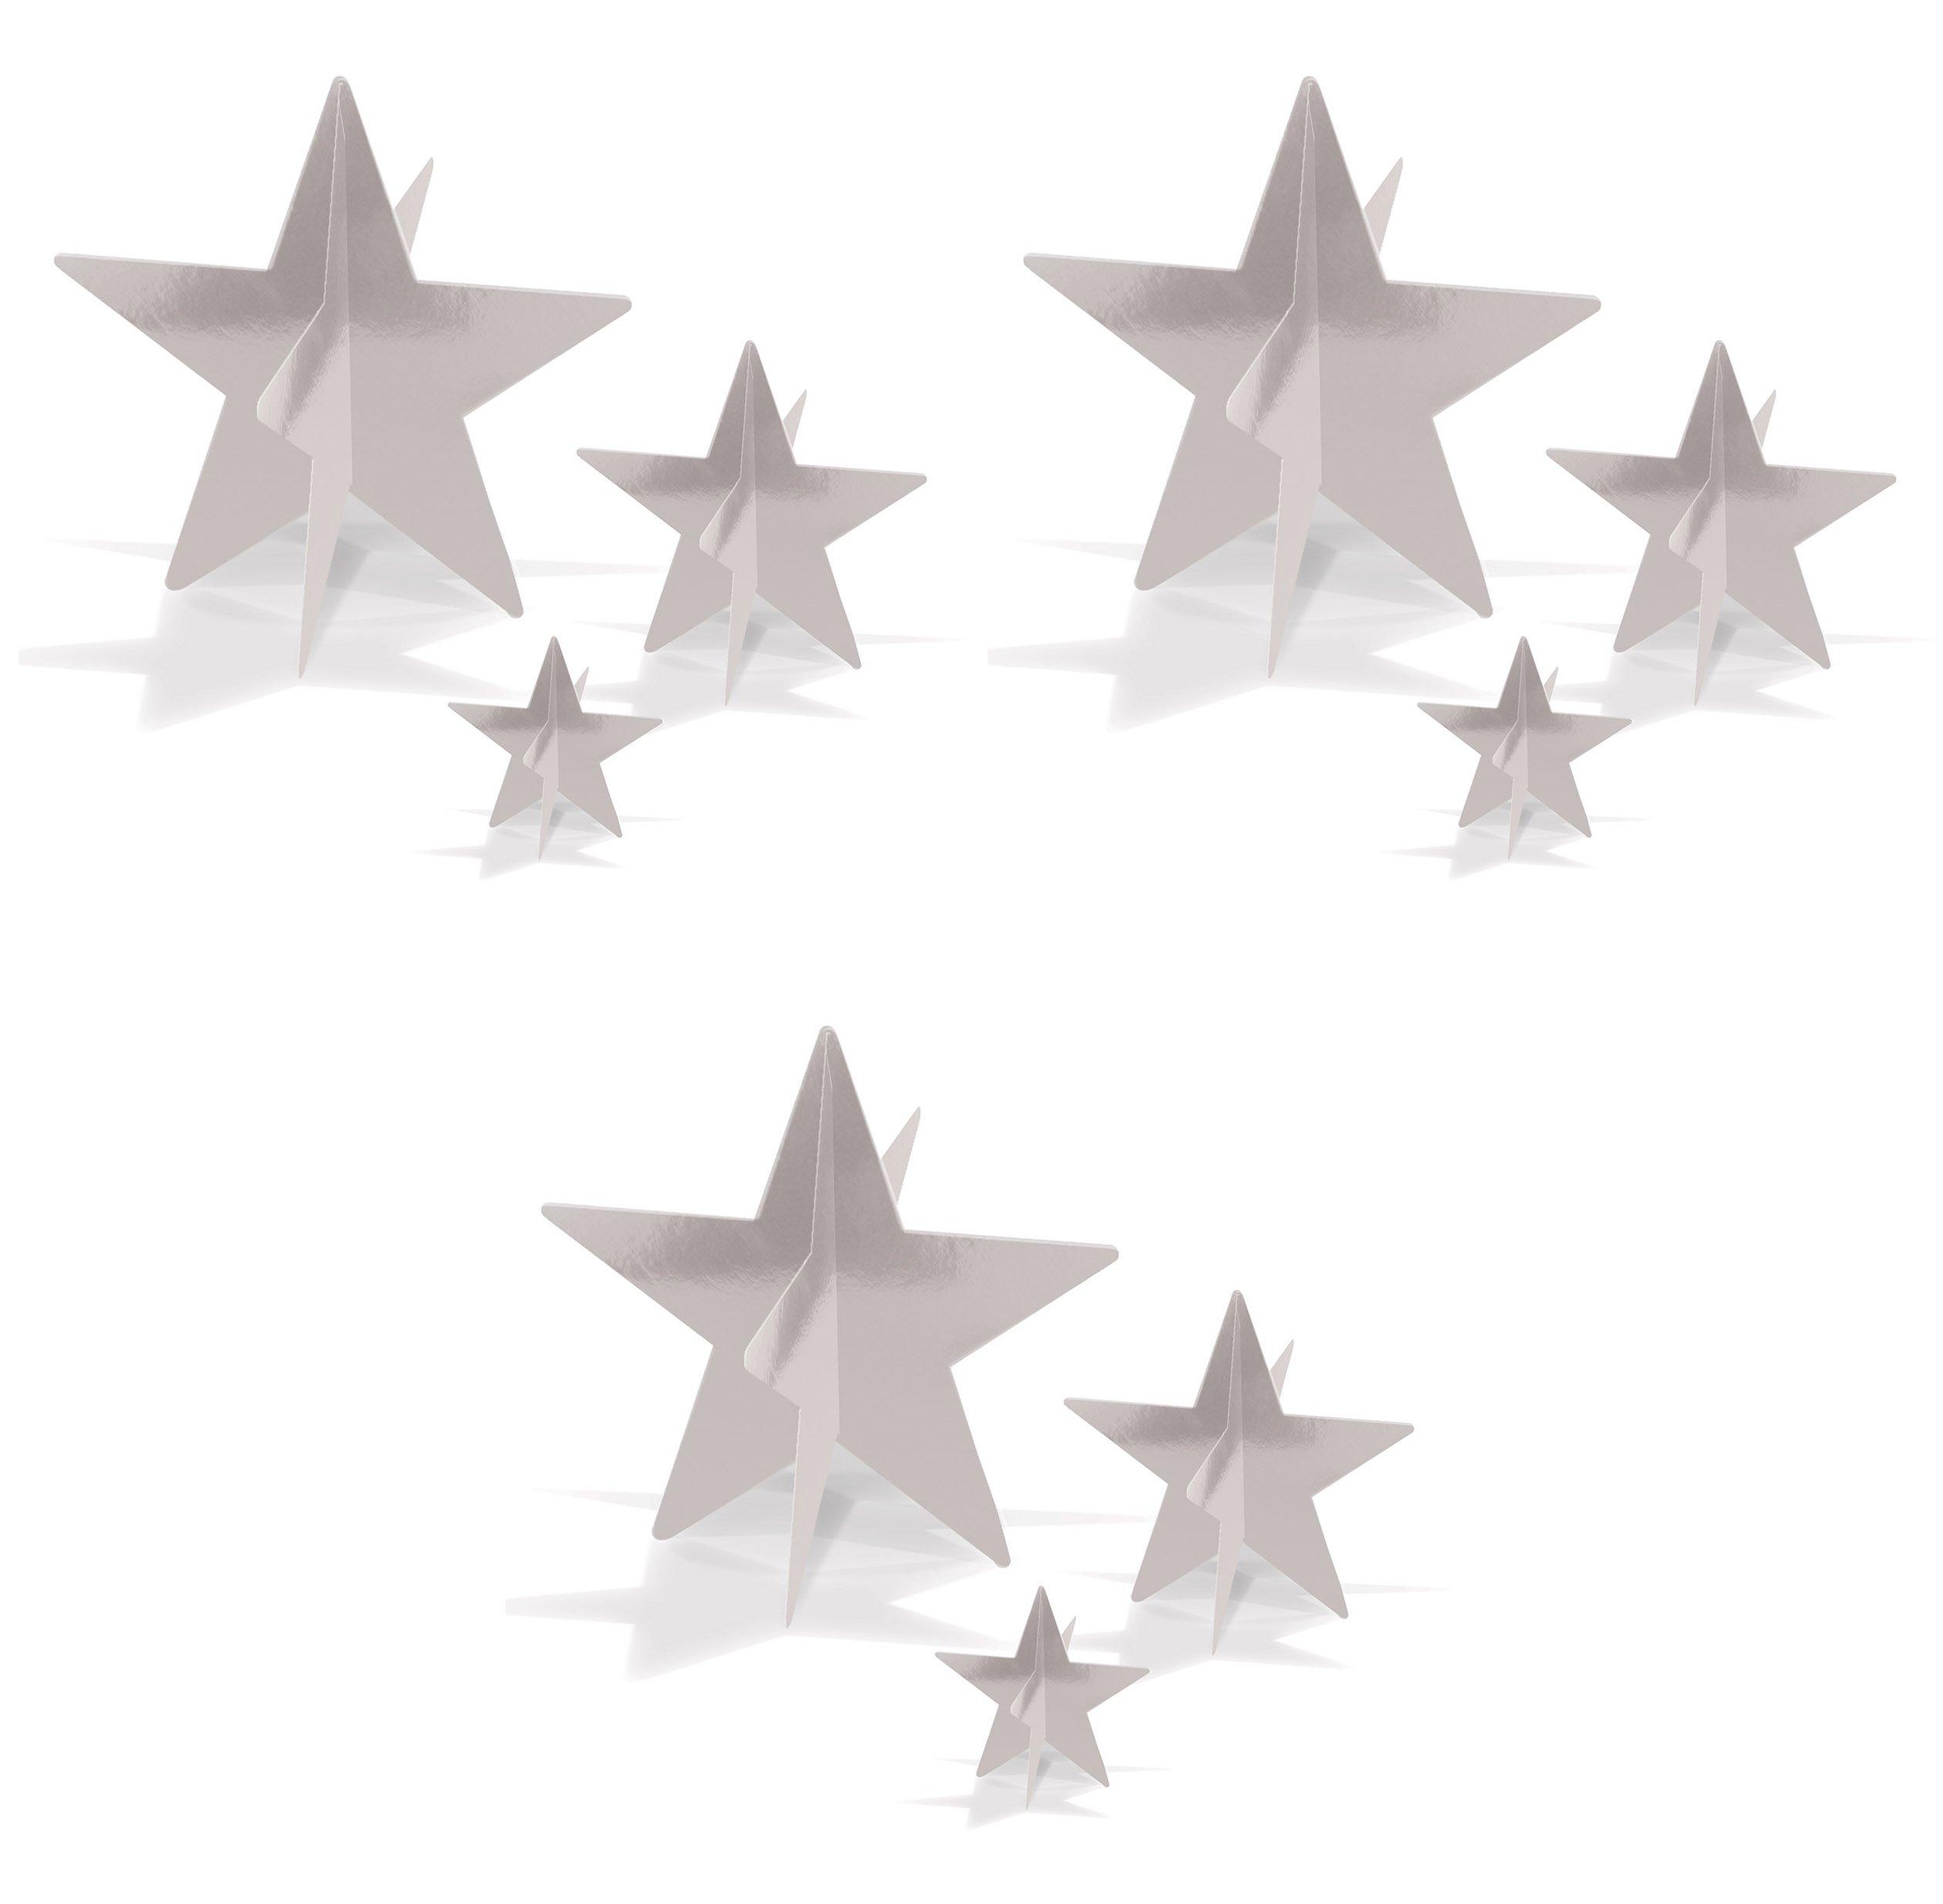 Beistle 52148-S, 9 Piece 3-D Foil Star Centerpieces, 3'' - 8'' (Silver)